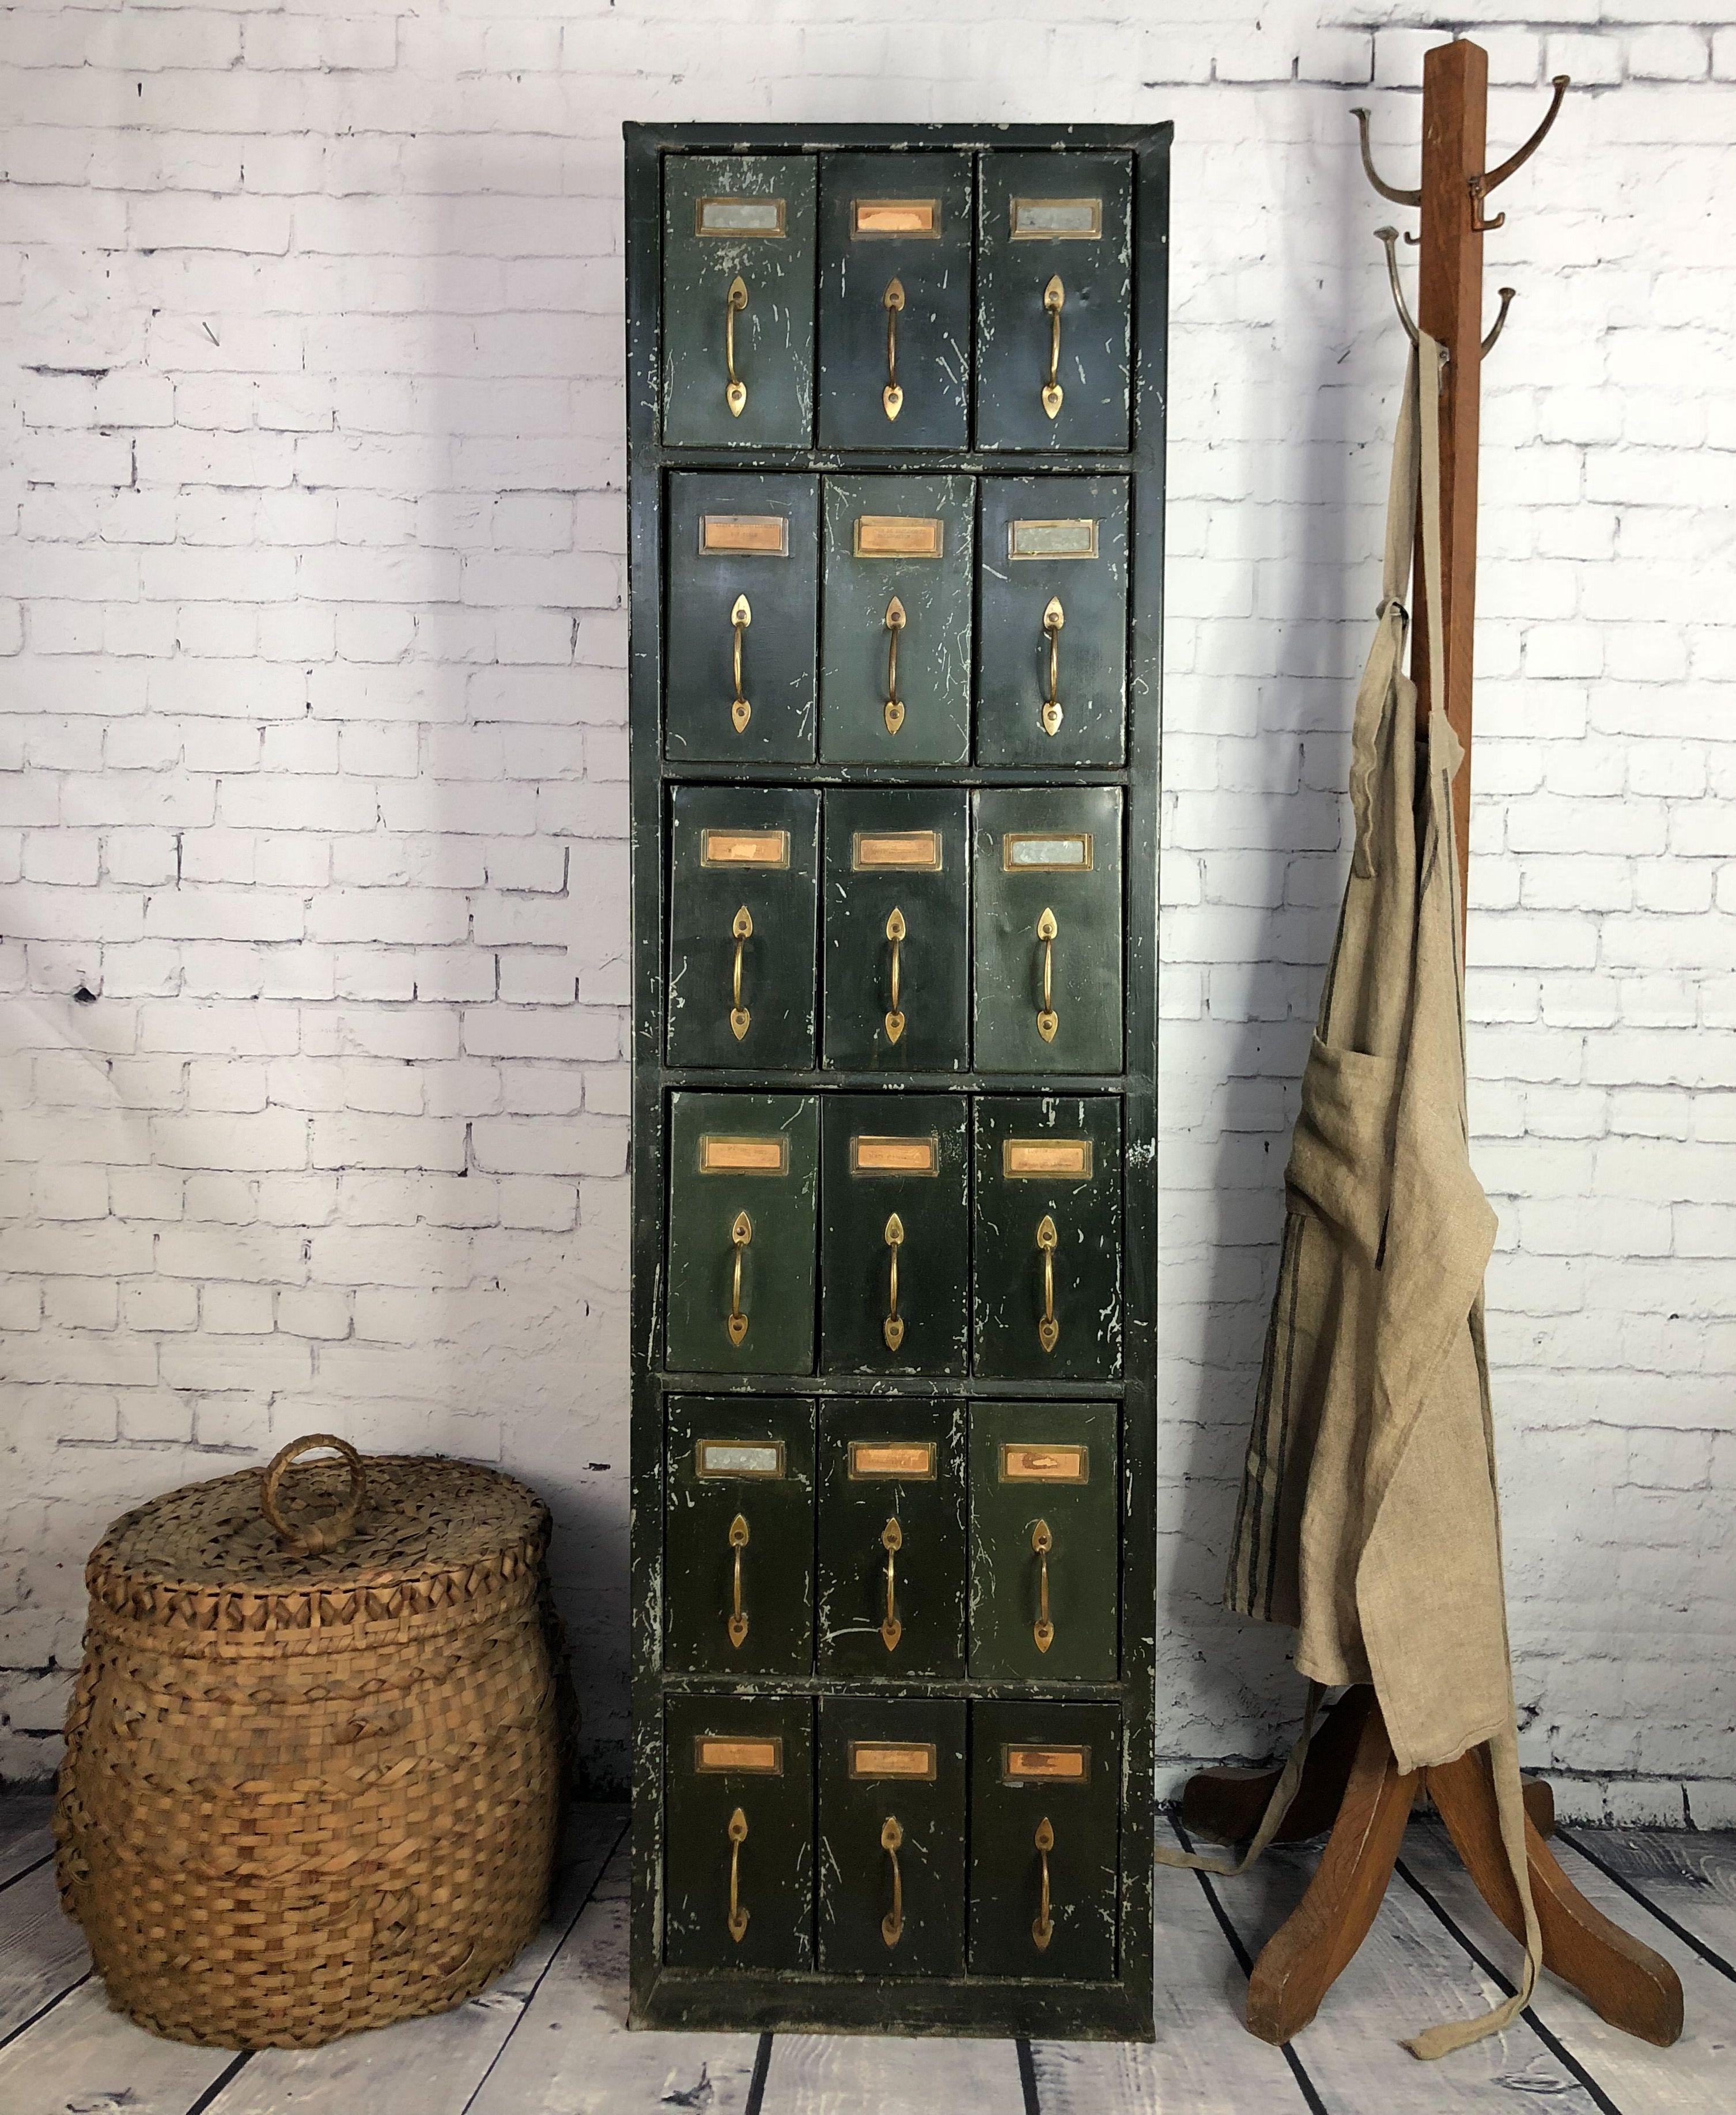 Grand Classeur Vintage Large Vintage File Cabinet Prixc 695 00 Magnifique Classeur Vintage En Metal 18 Tiroirs Classeur Meuble Rangement Peintures Vertes